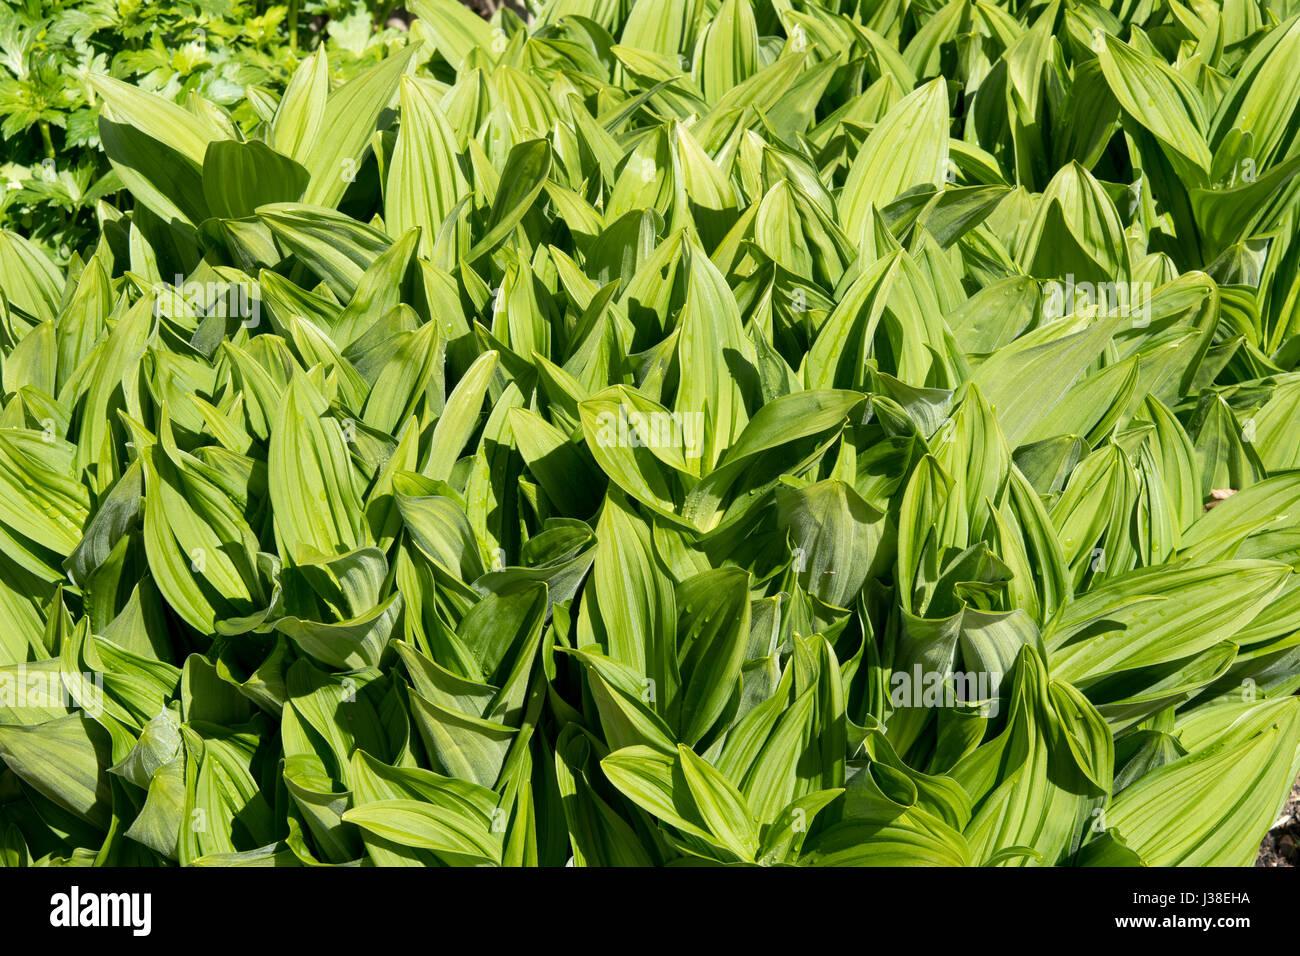 Veratrum album Photo Stock